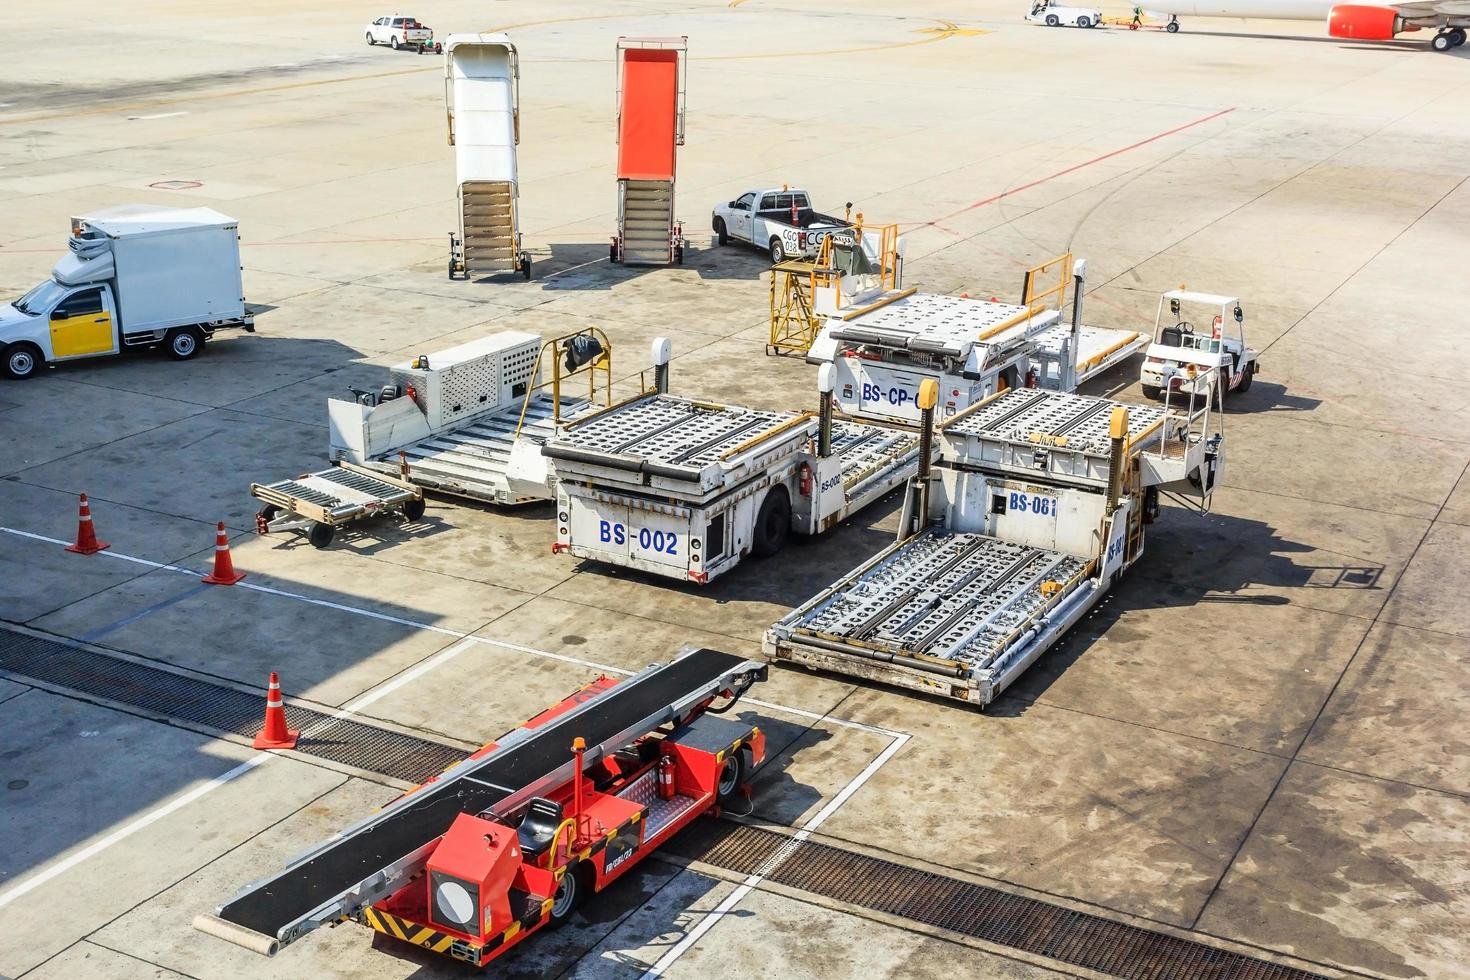 vliegtuig sleepwagen en ladder dichtbij vliegtuigen op de landingsbaan in luchthaven foto